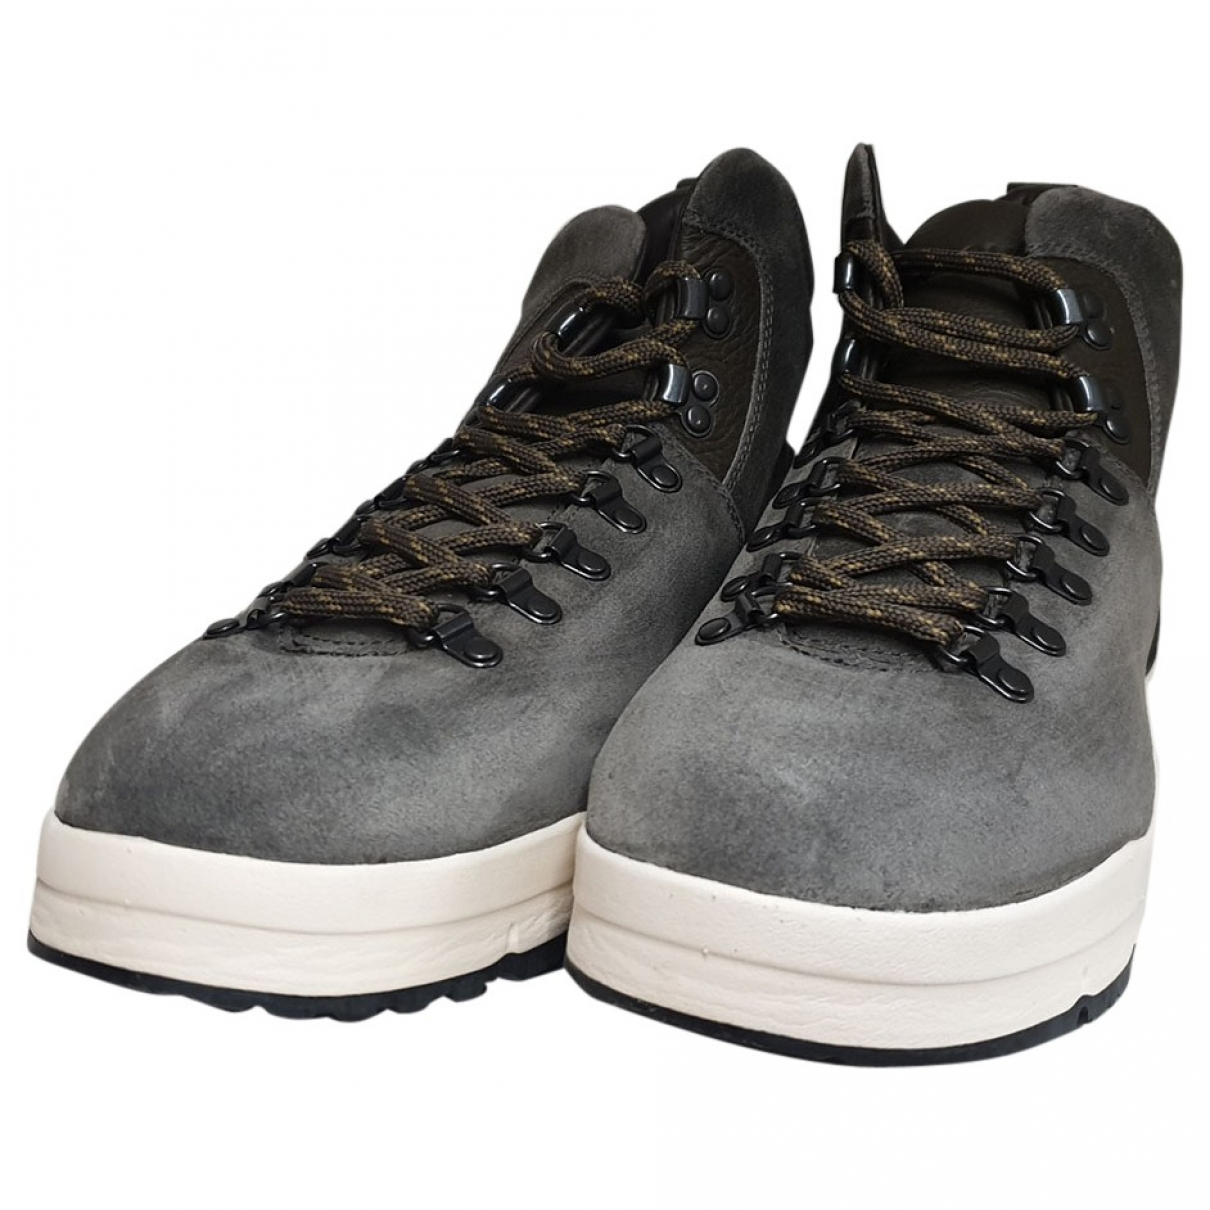 Woolrich - Baskets   pour homme en suede - gris